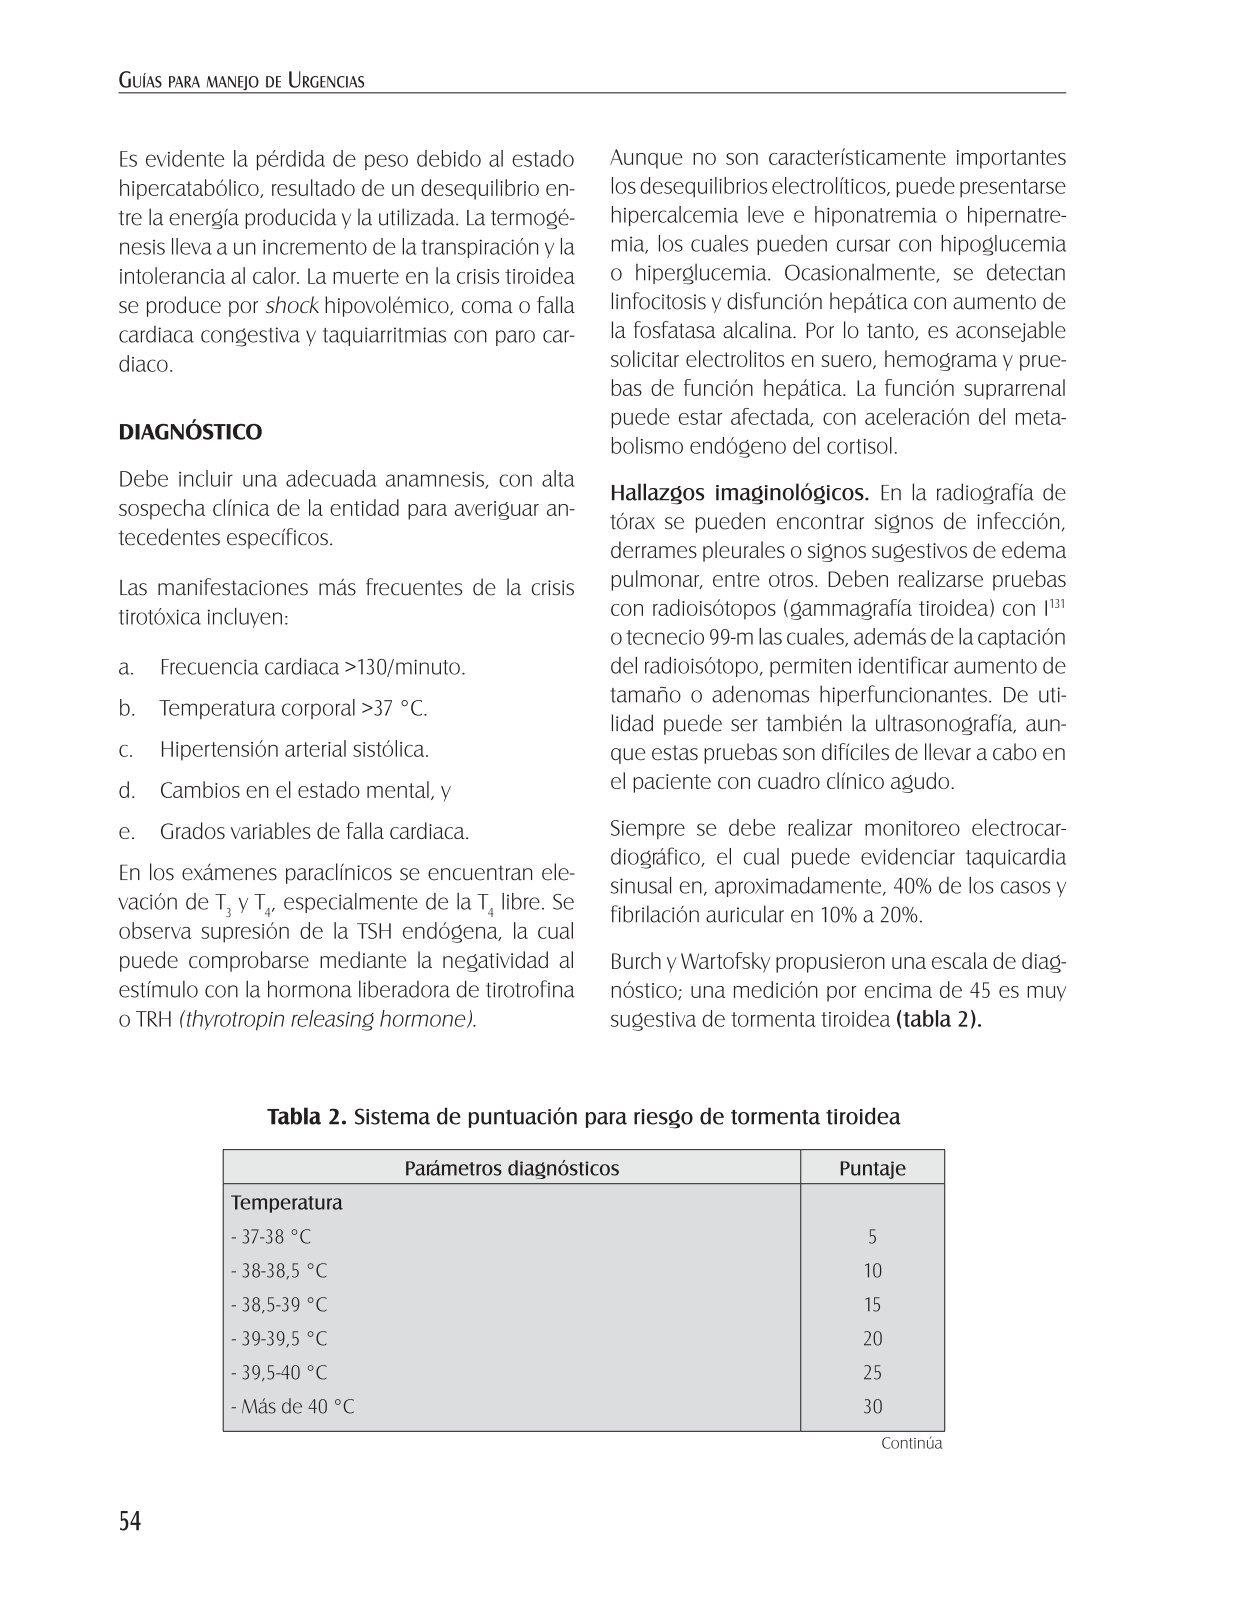 Protocololo hemorragia hipertensión posparto